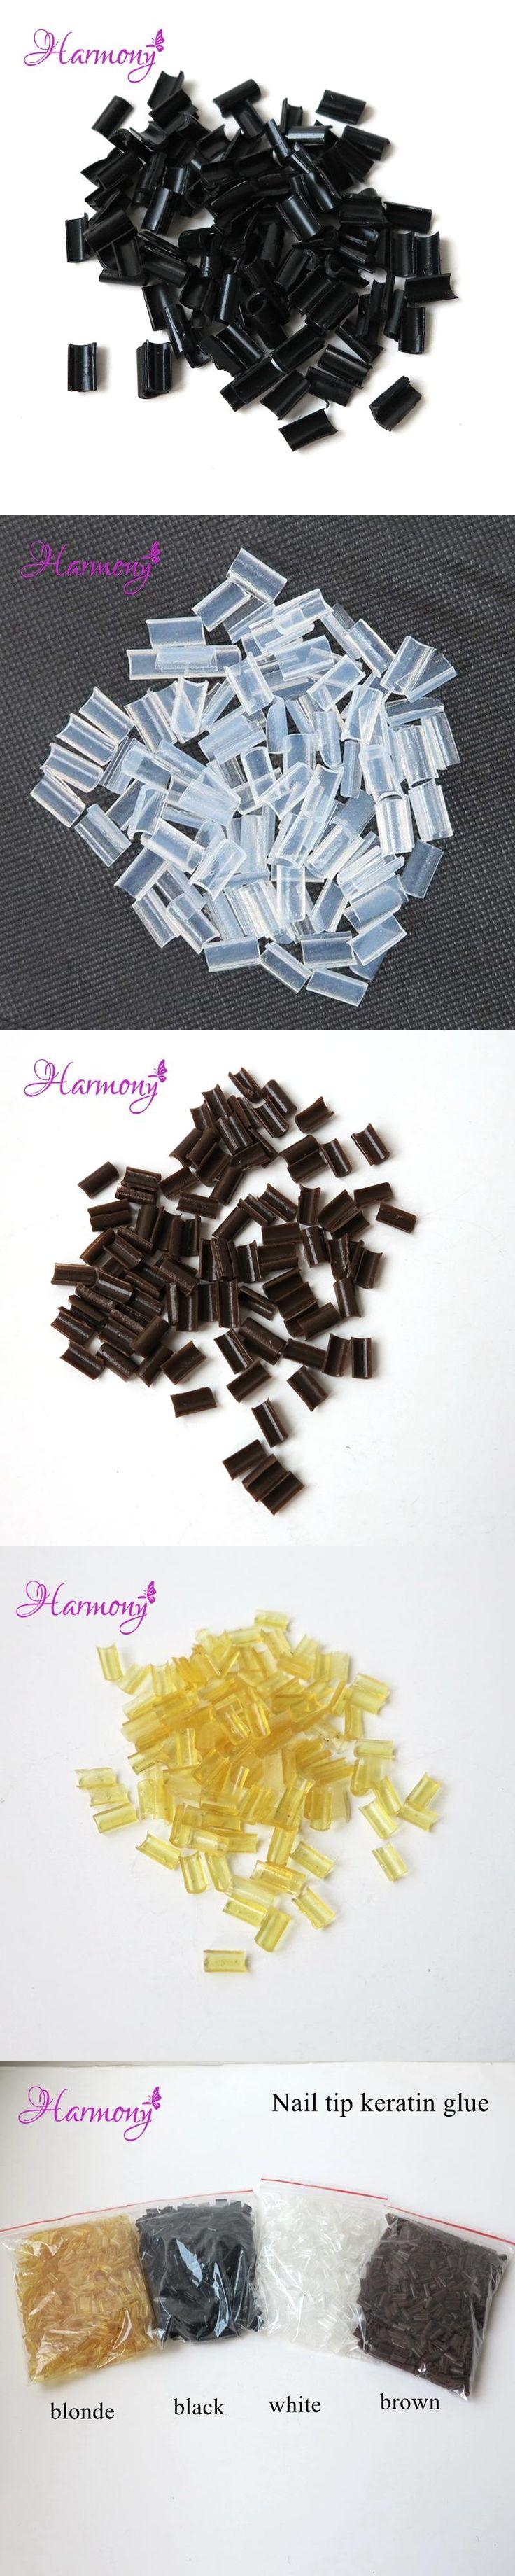 Free shipping 200pcs/lot Keratin glue nail Nail Tip Keratin U-Shaped Glue Nail Tip Keratin Nail Tip for hair extension